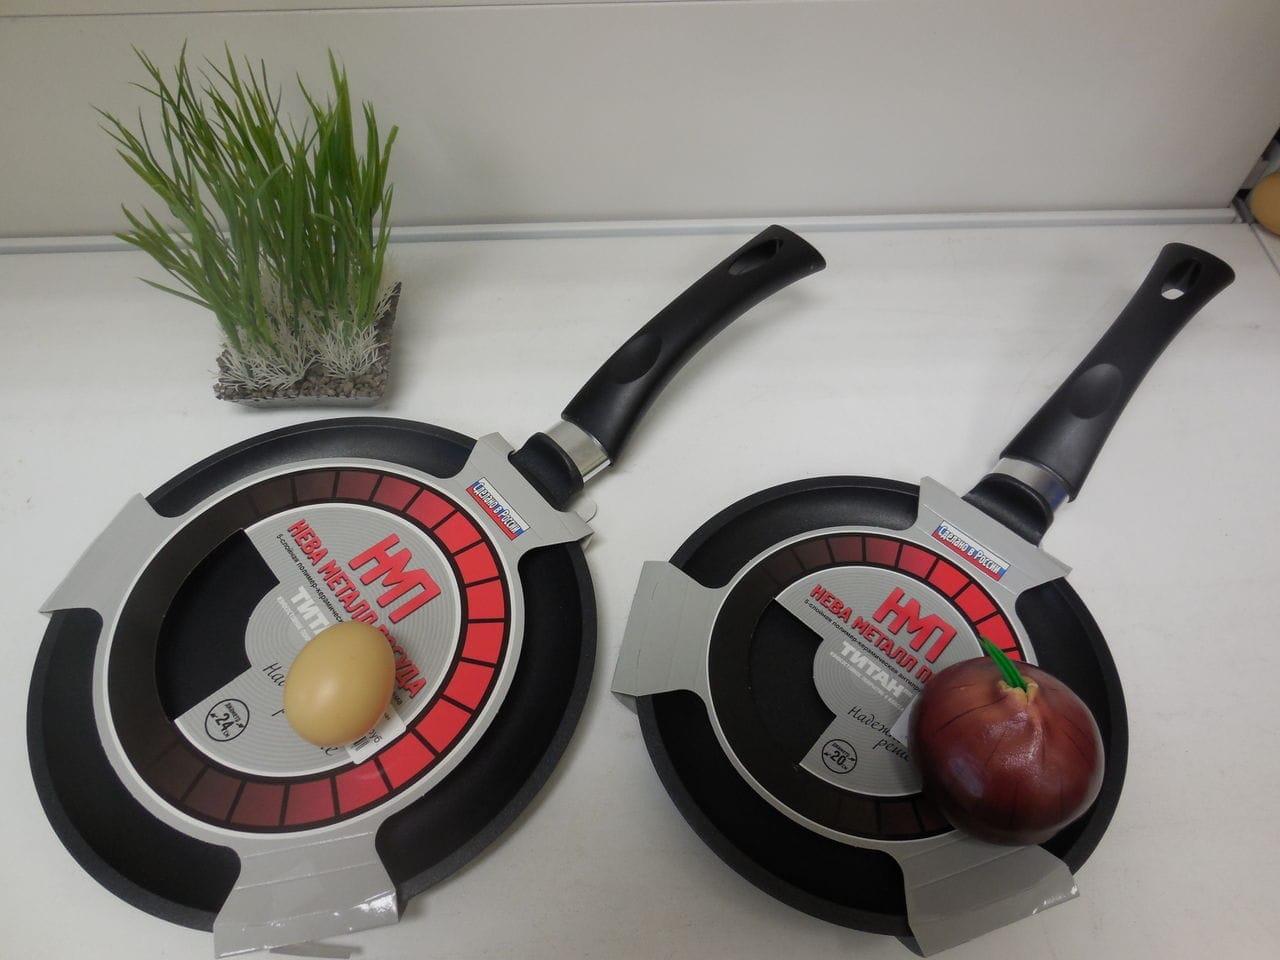 Сковорідки фірми Нева-метал: з титановим і кам'яним покриттям, млинцеві і сковороди-гриль, чавунні зі знімною ручкою і кришкою